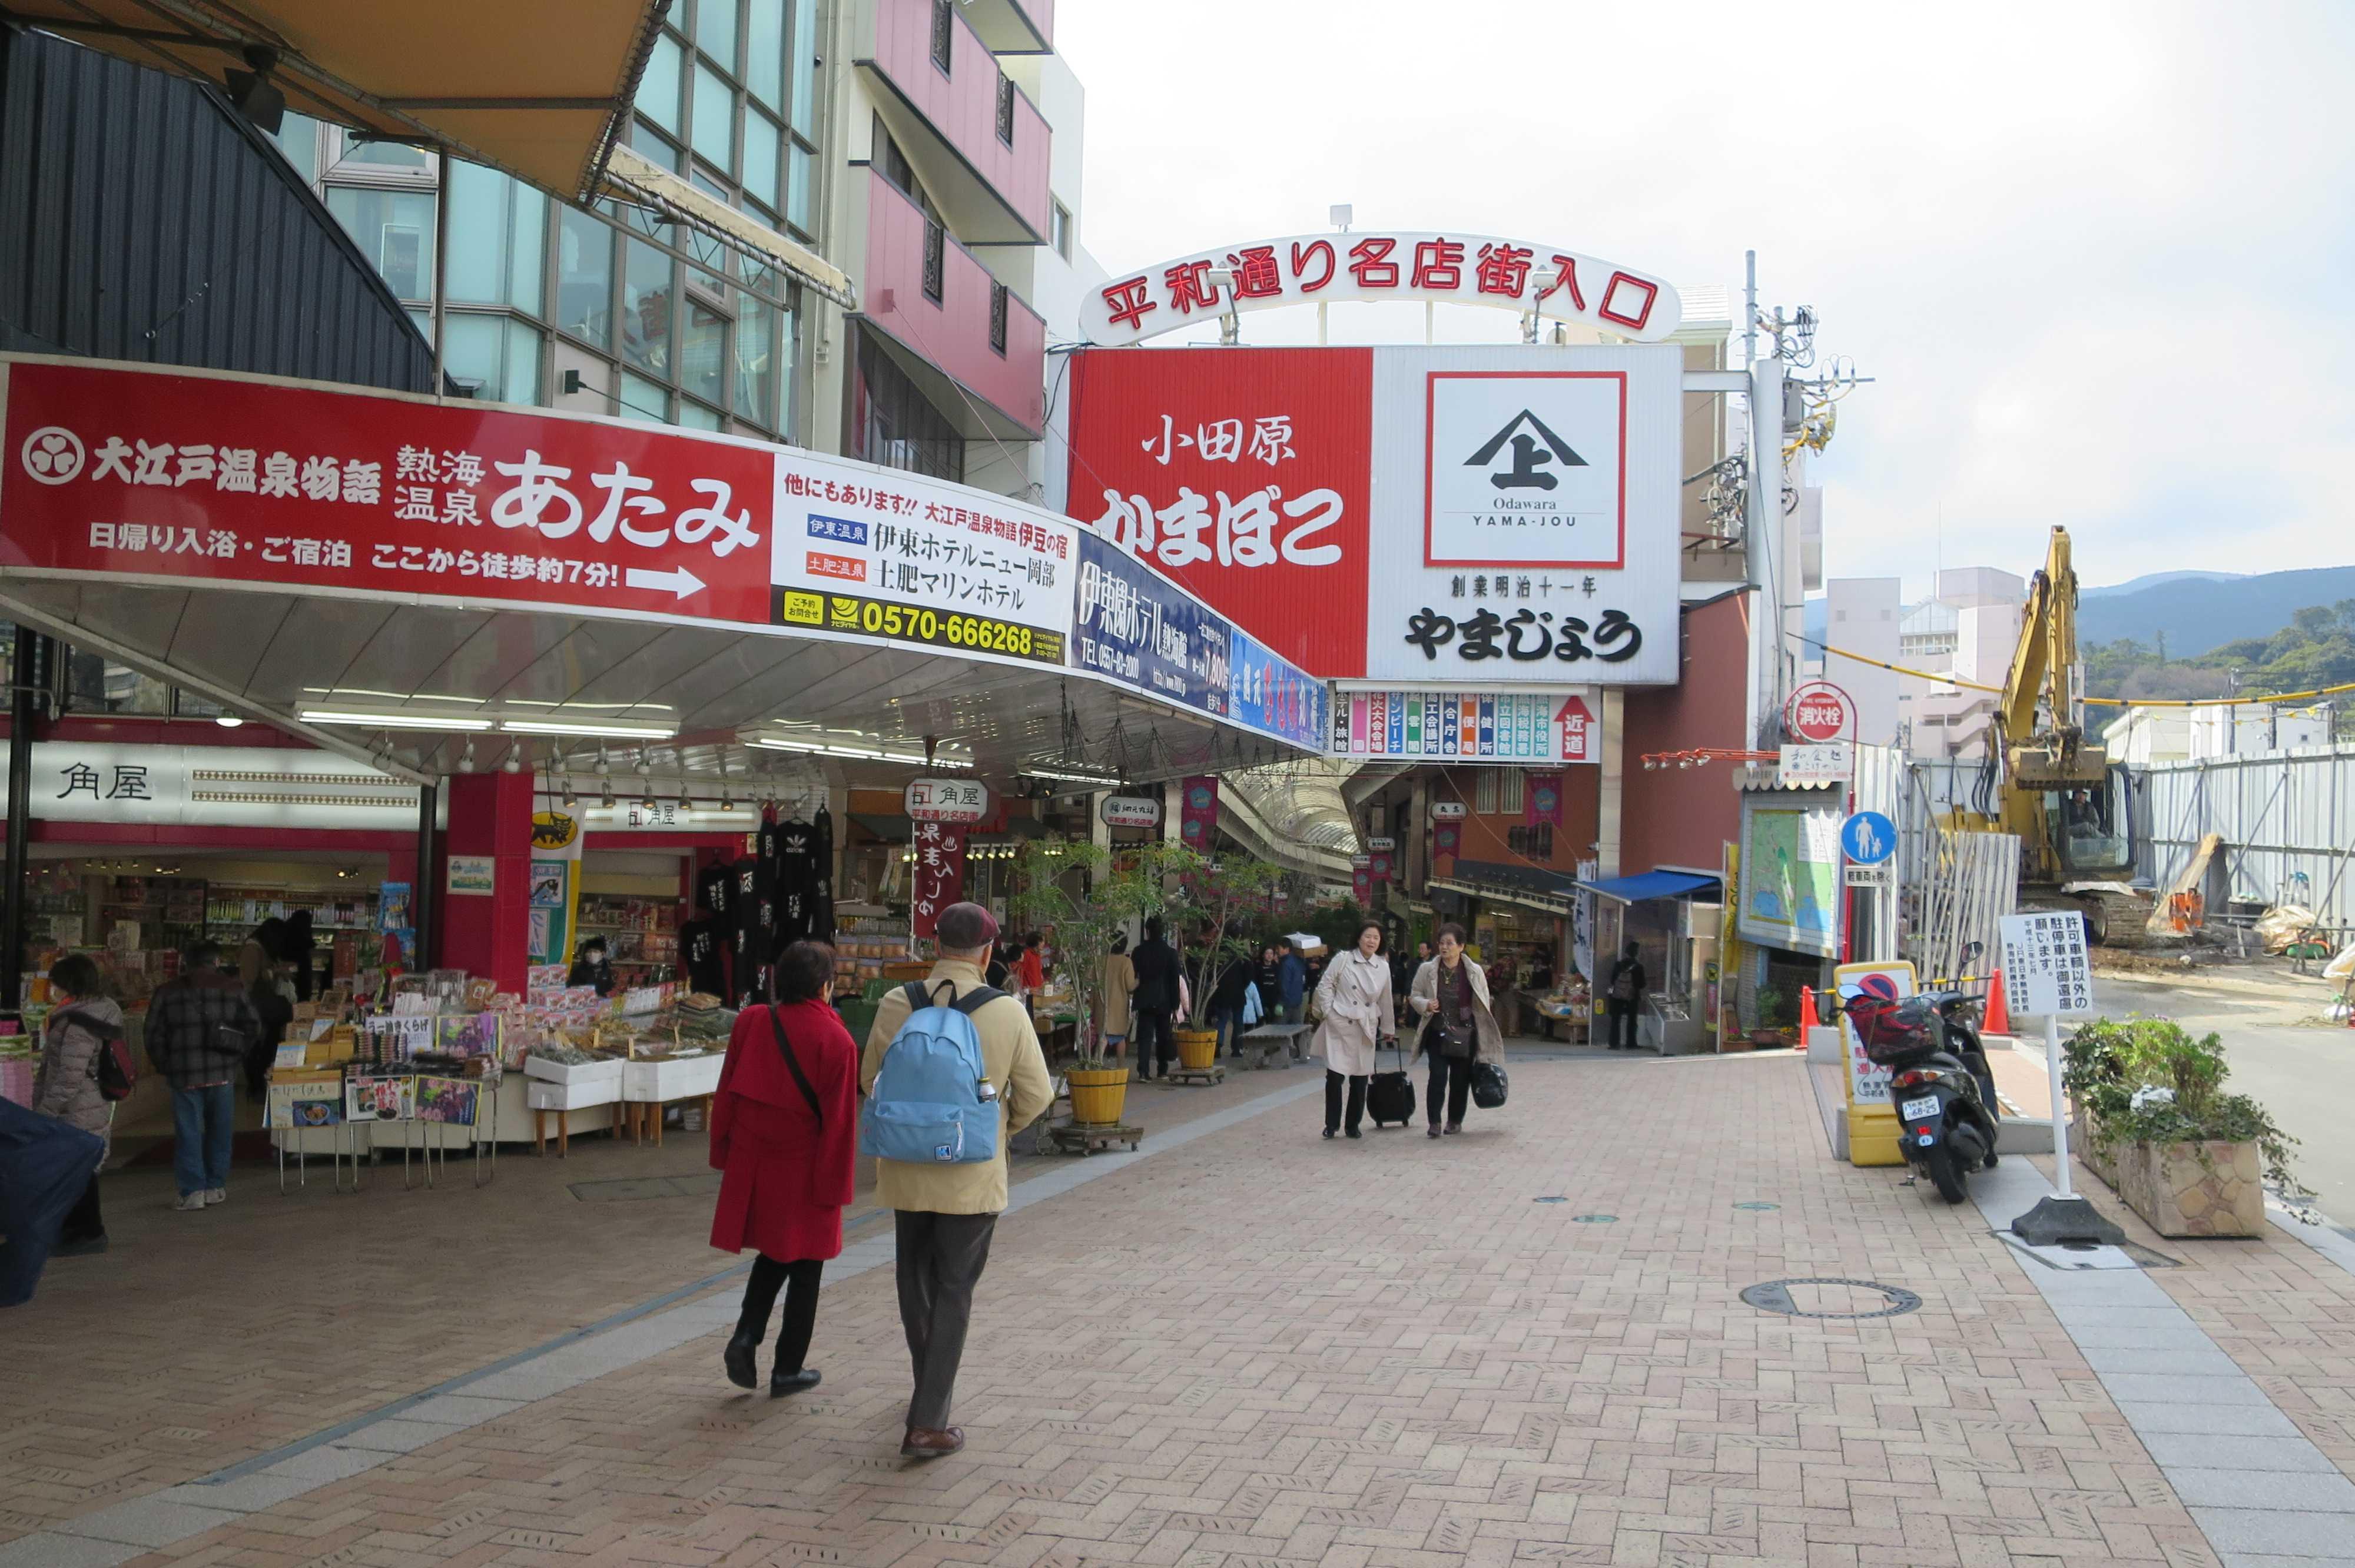 熱海 - 平和通り名店街(入口)